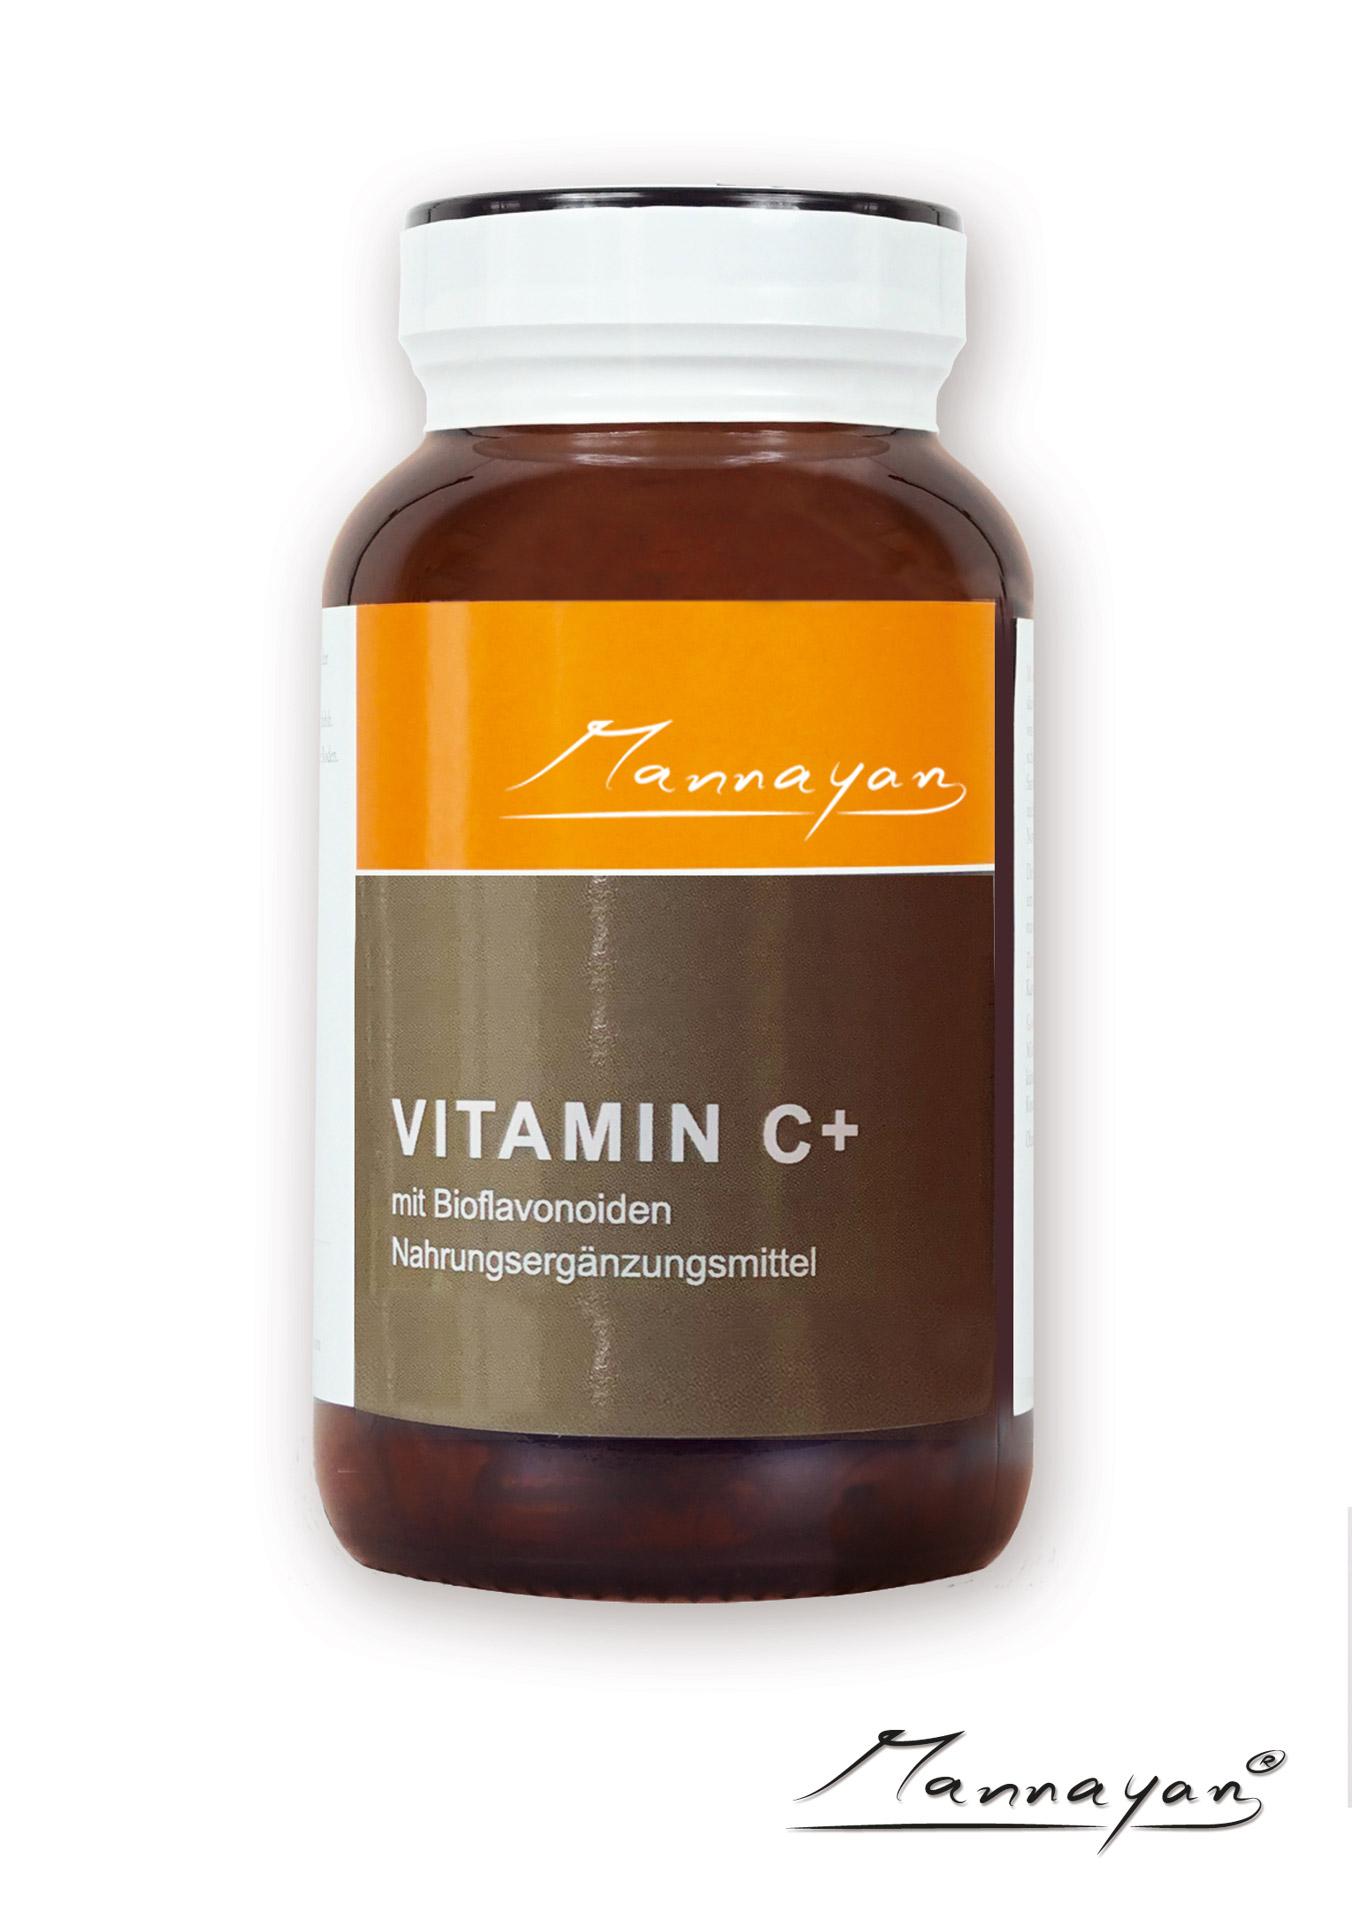 Mannayan VITAMIN C+ (120 Tabletten)